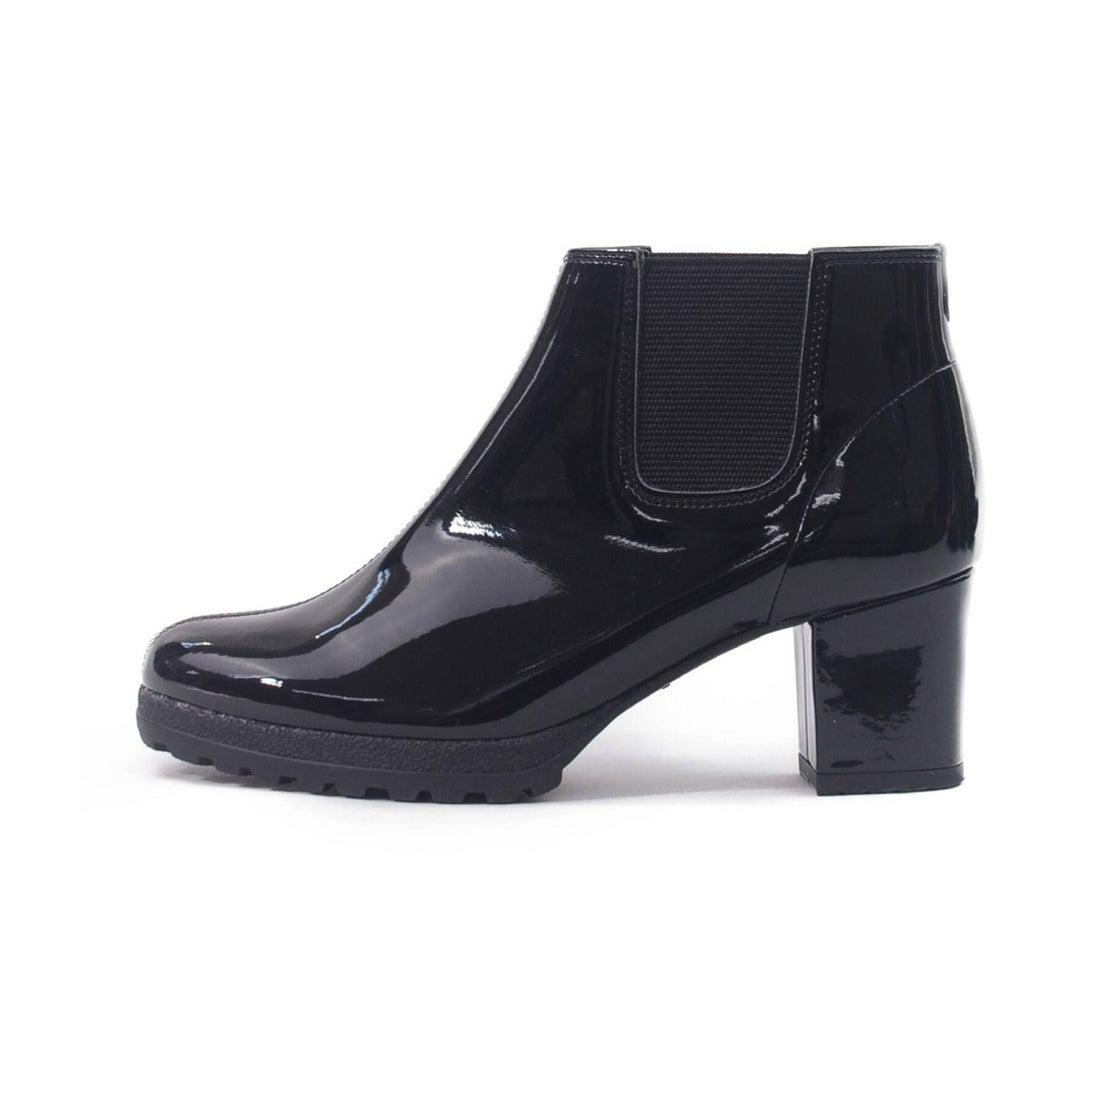 エスペランサ ESPERANZA ヒールアップサイドゴアレインショートブーツ (ブラック)